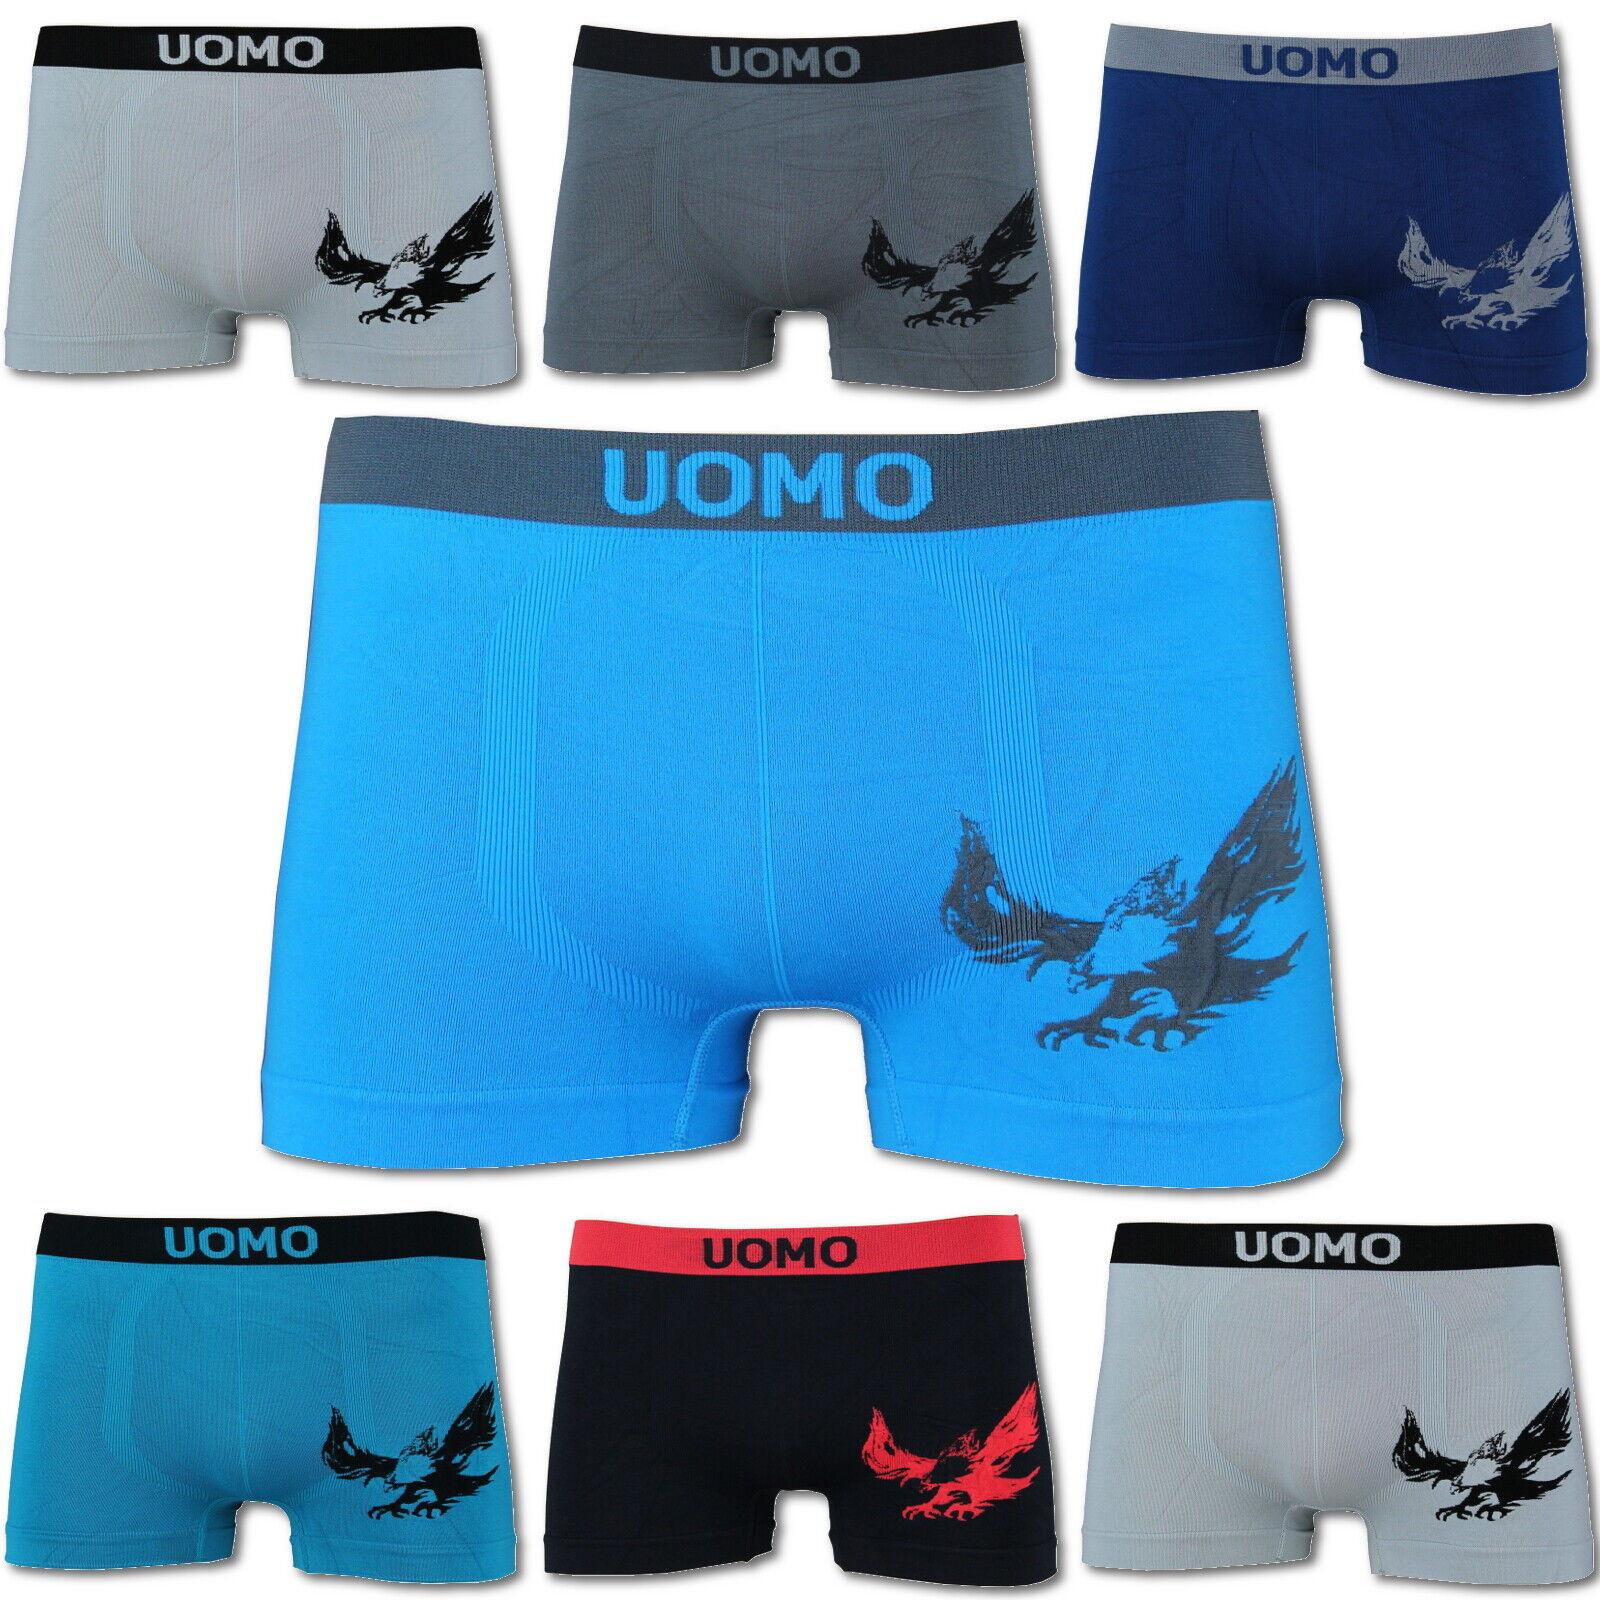 Unterhosen Set Jungs Uomo Unterwäsche Boxer Boxershorts